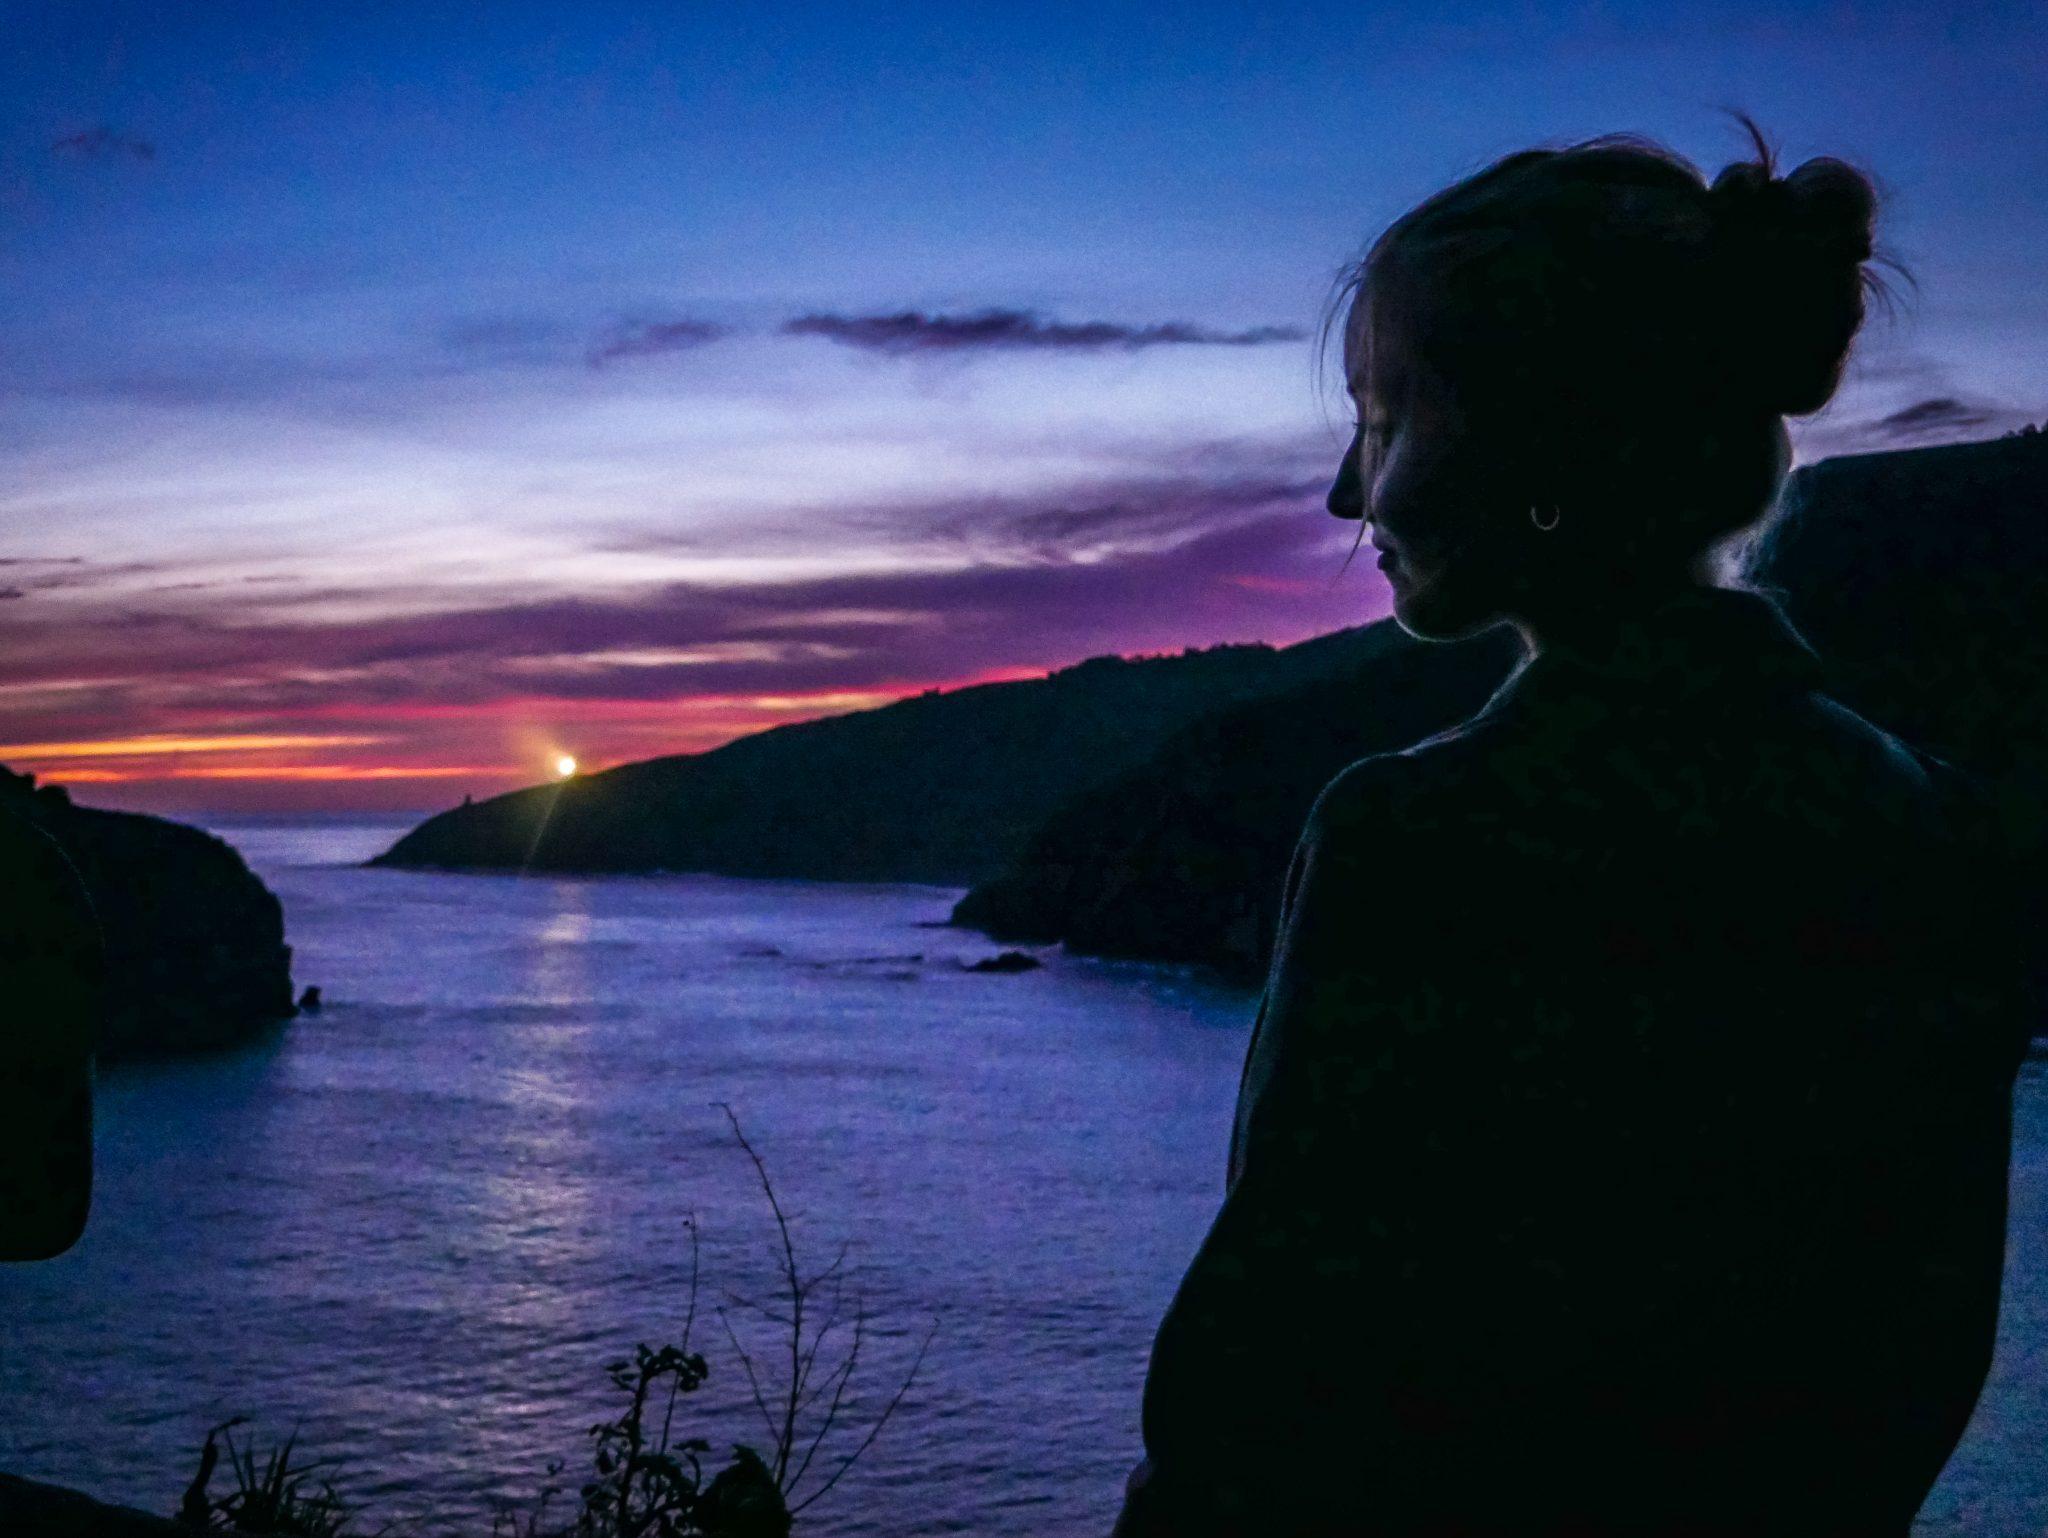 Der Sternenhimmel und der Sonnenaufgang sind von der Felsinsel San Juan de Gaztelugatxe atemberaubend schön!